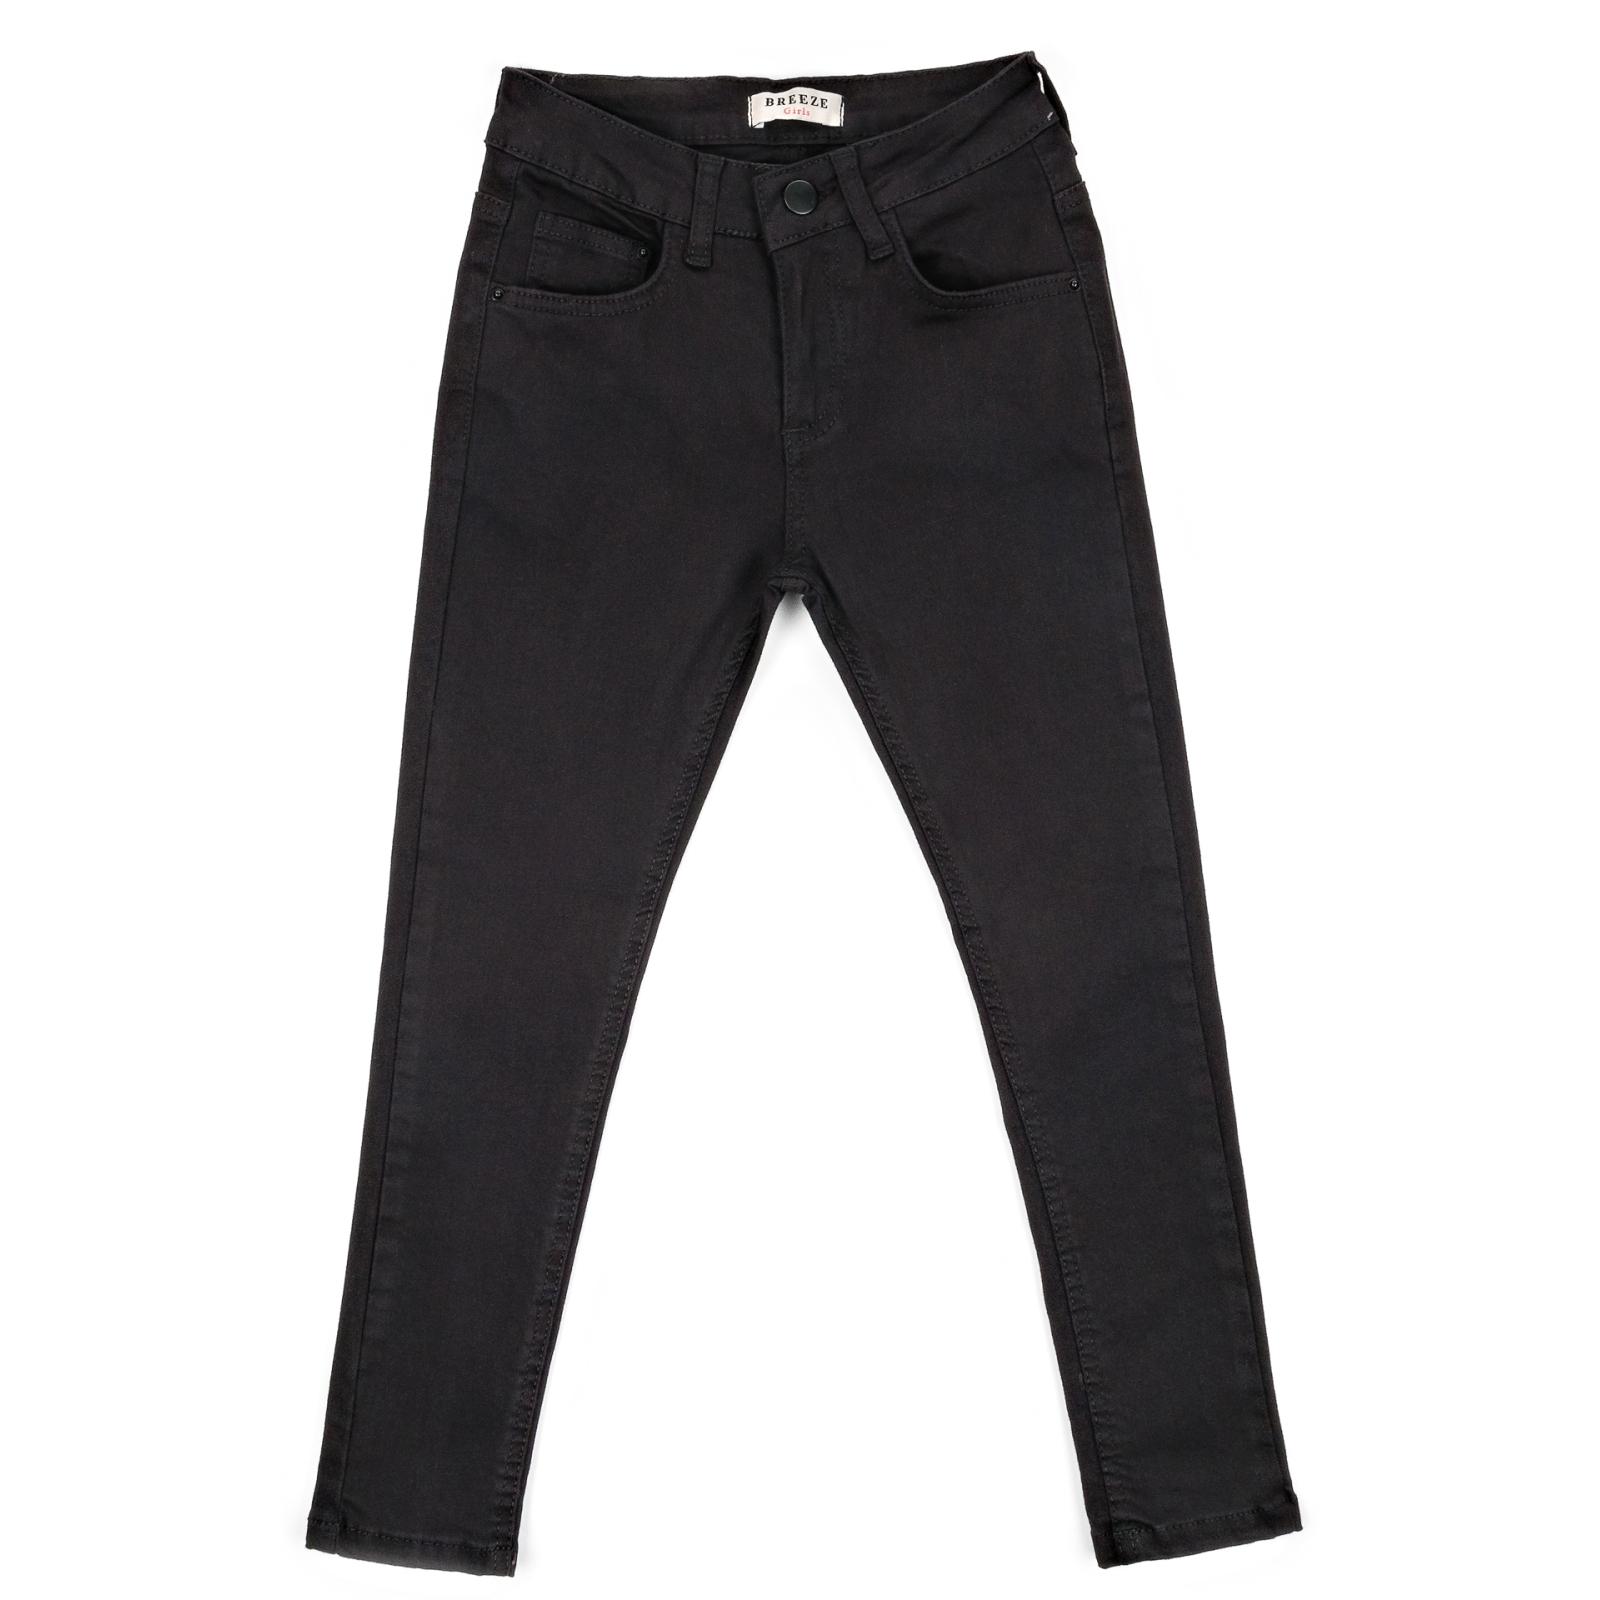 Штаны детские Breeze джинсовые зауженные (13212-146G-black)